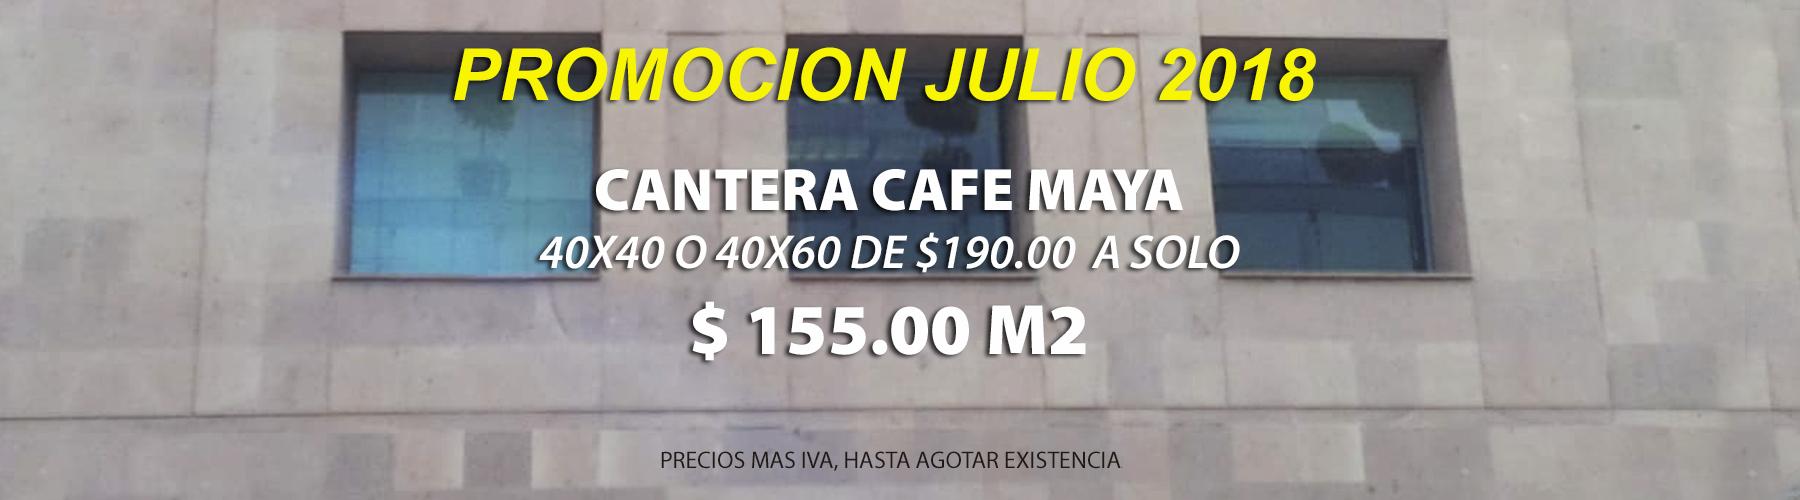 PROMOCION DEL JULIO. CANTERA CAFE MAYA